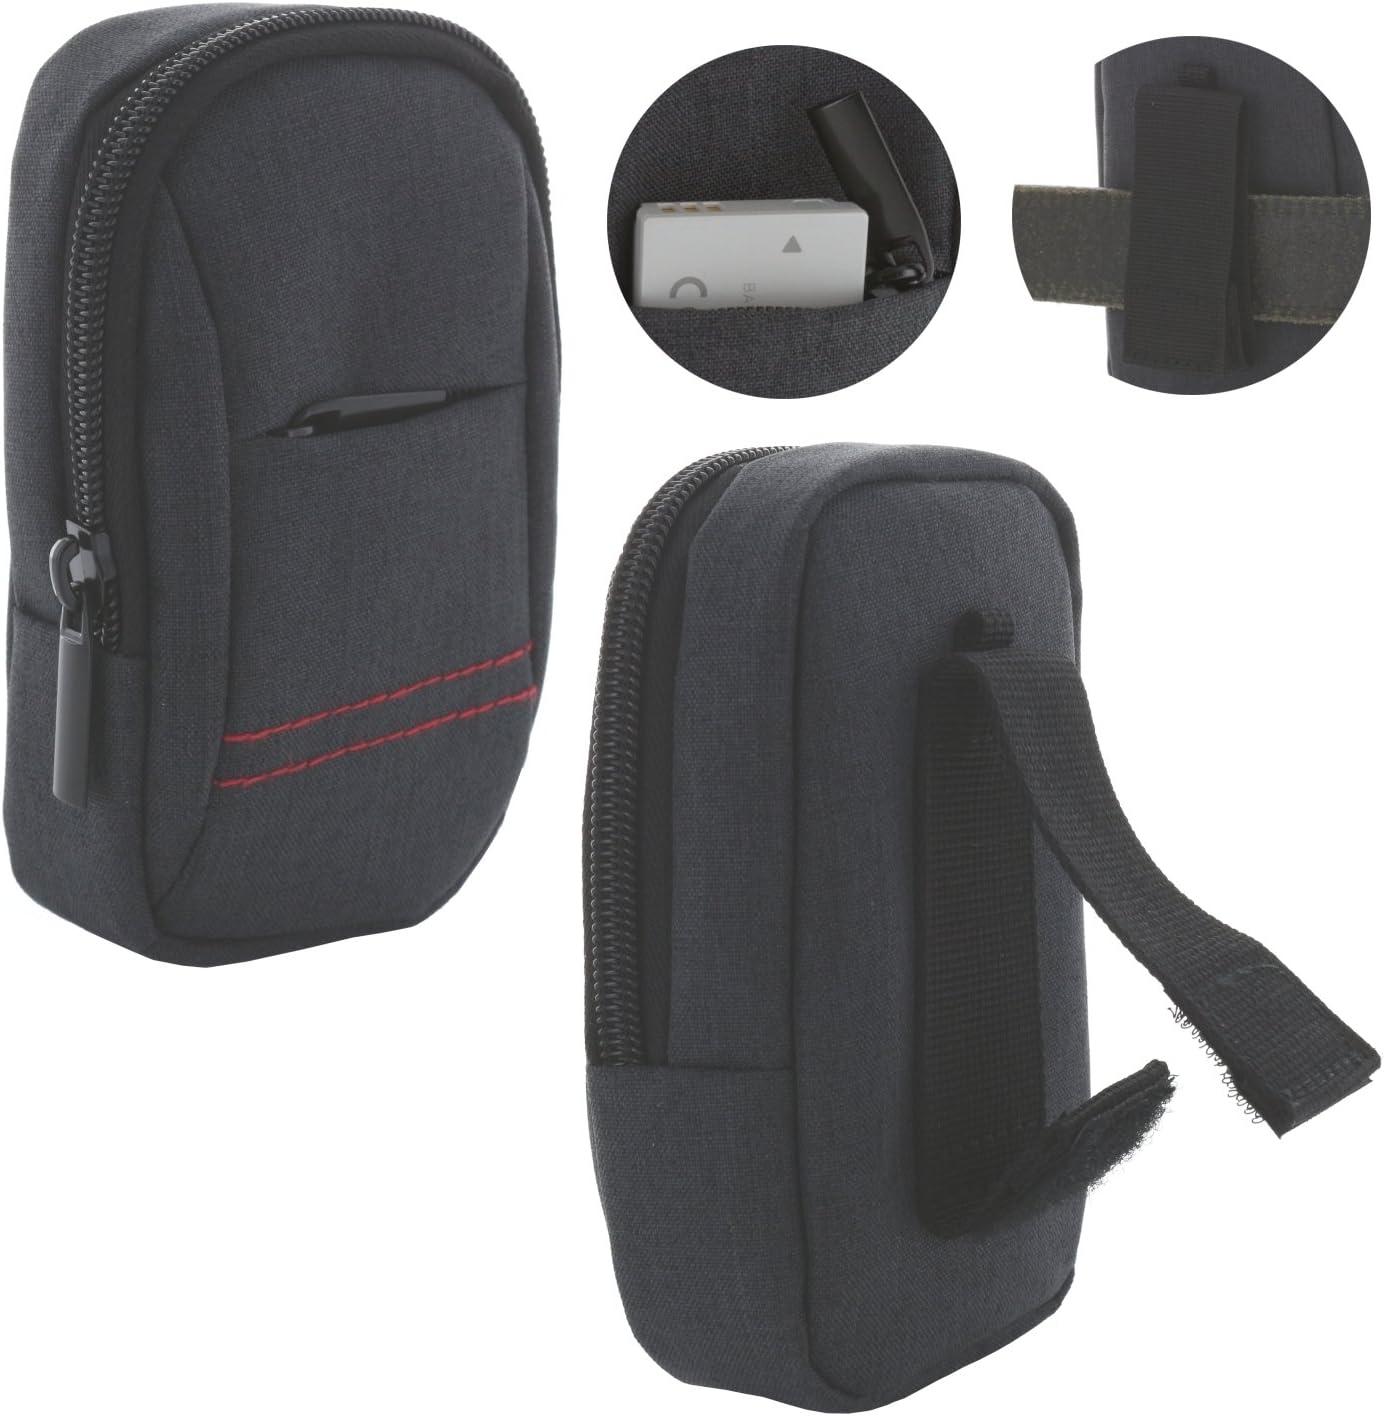 Kameratasche Für Digitalkamera Mit Trageschlaufe Kamera